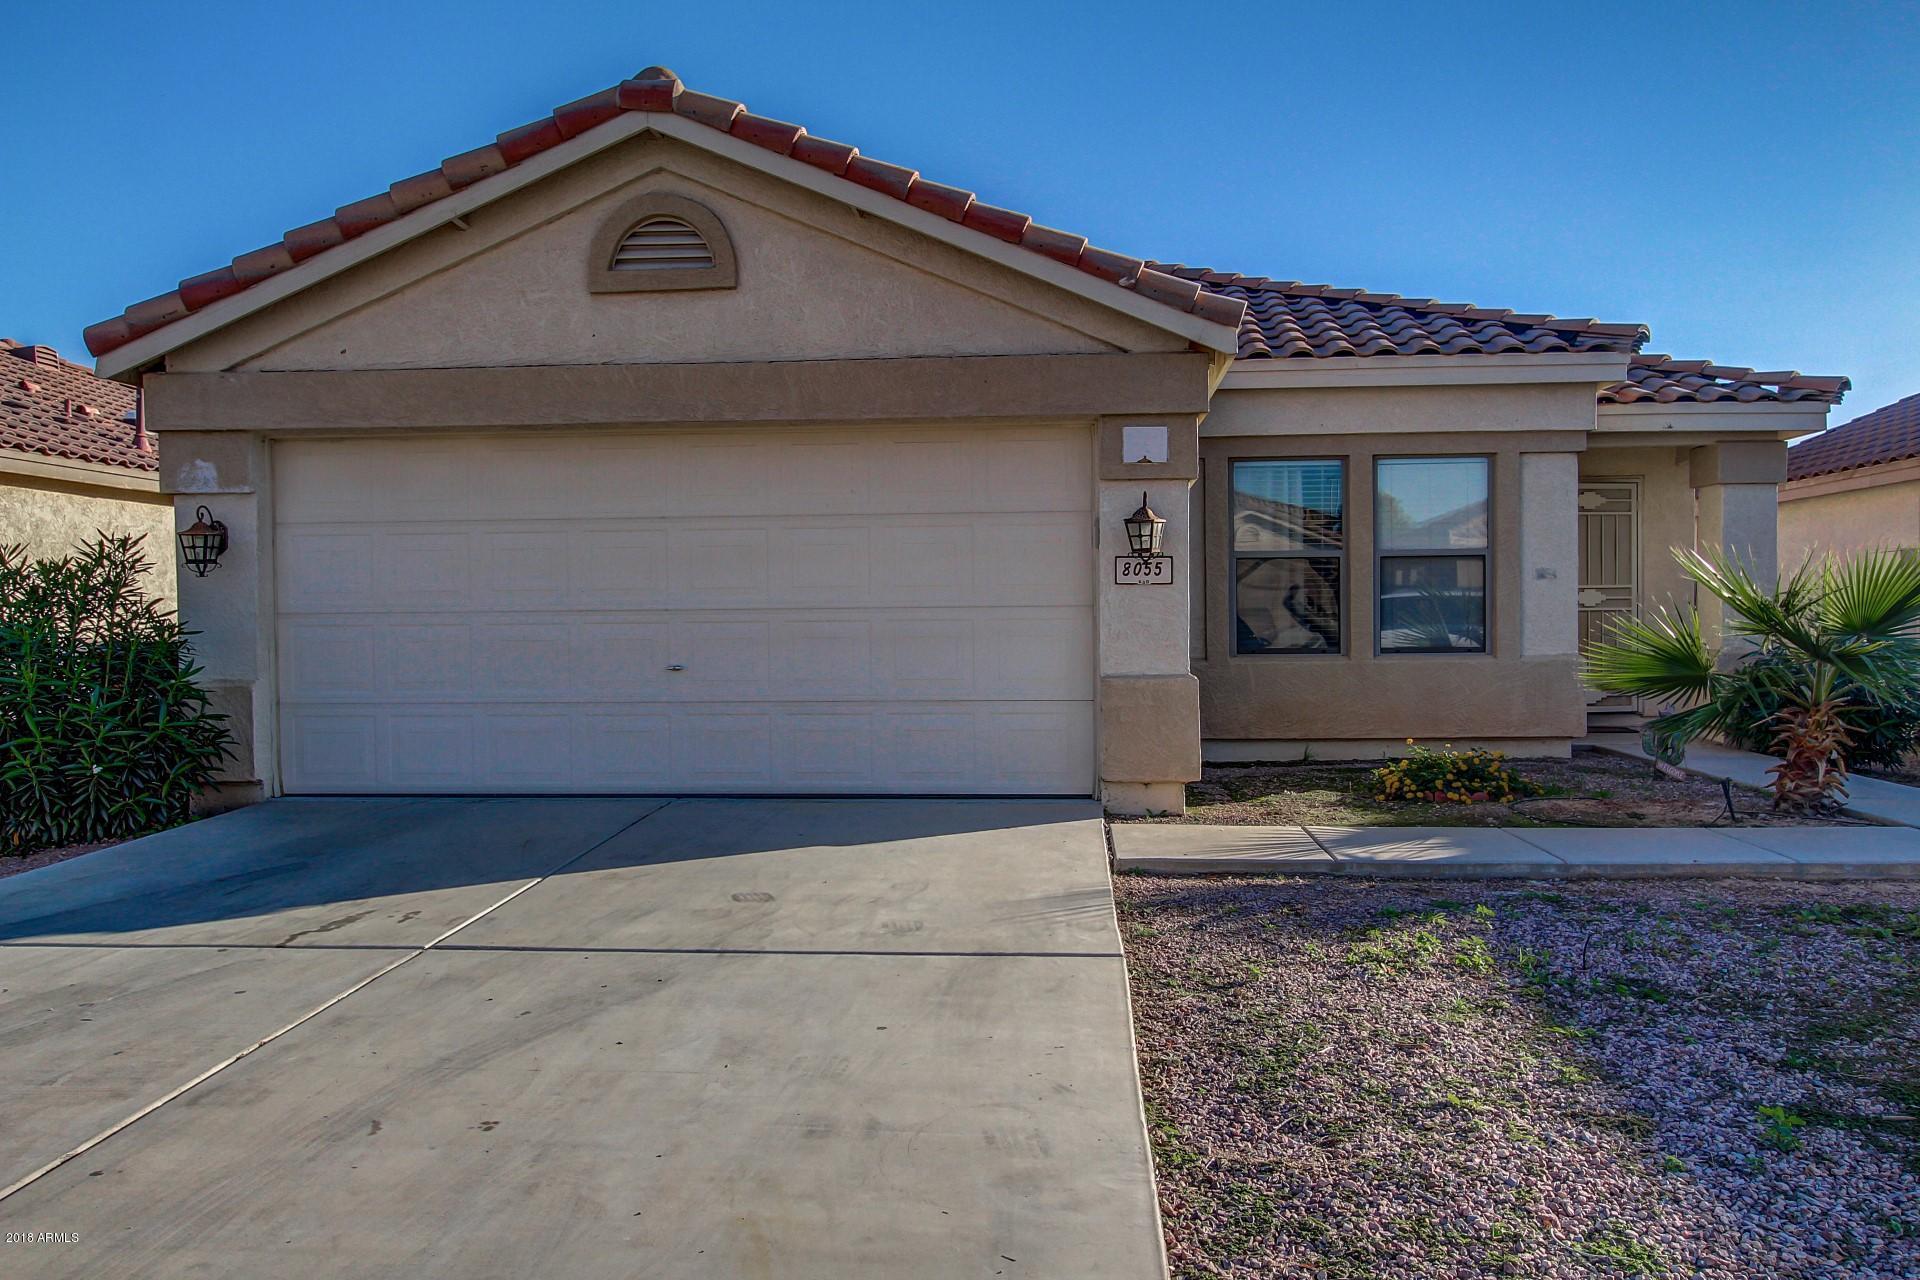 Photo of 8055 W SANNA Street, Peoria, AZ 85345